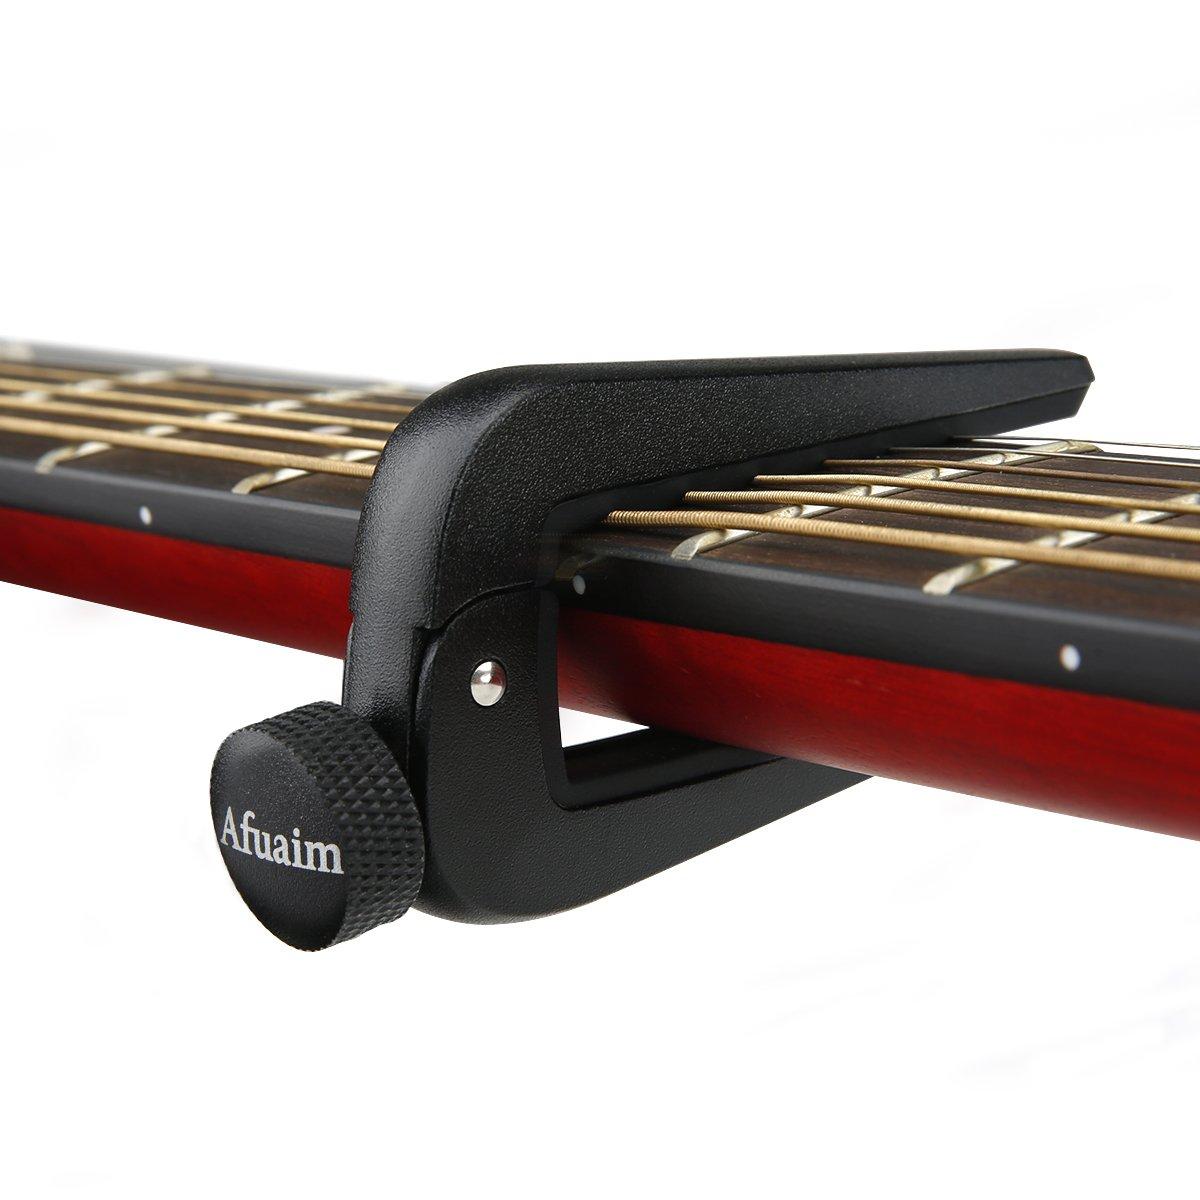 colore argento con sgancio rapido e forcella estrattore per pioli capotasto adatto per chitarre elettriche e acustiche Adagio Pro Deluxe